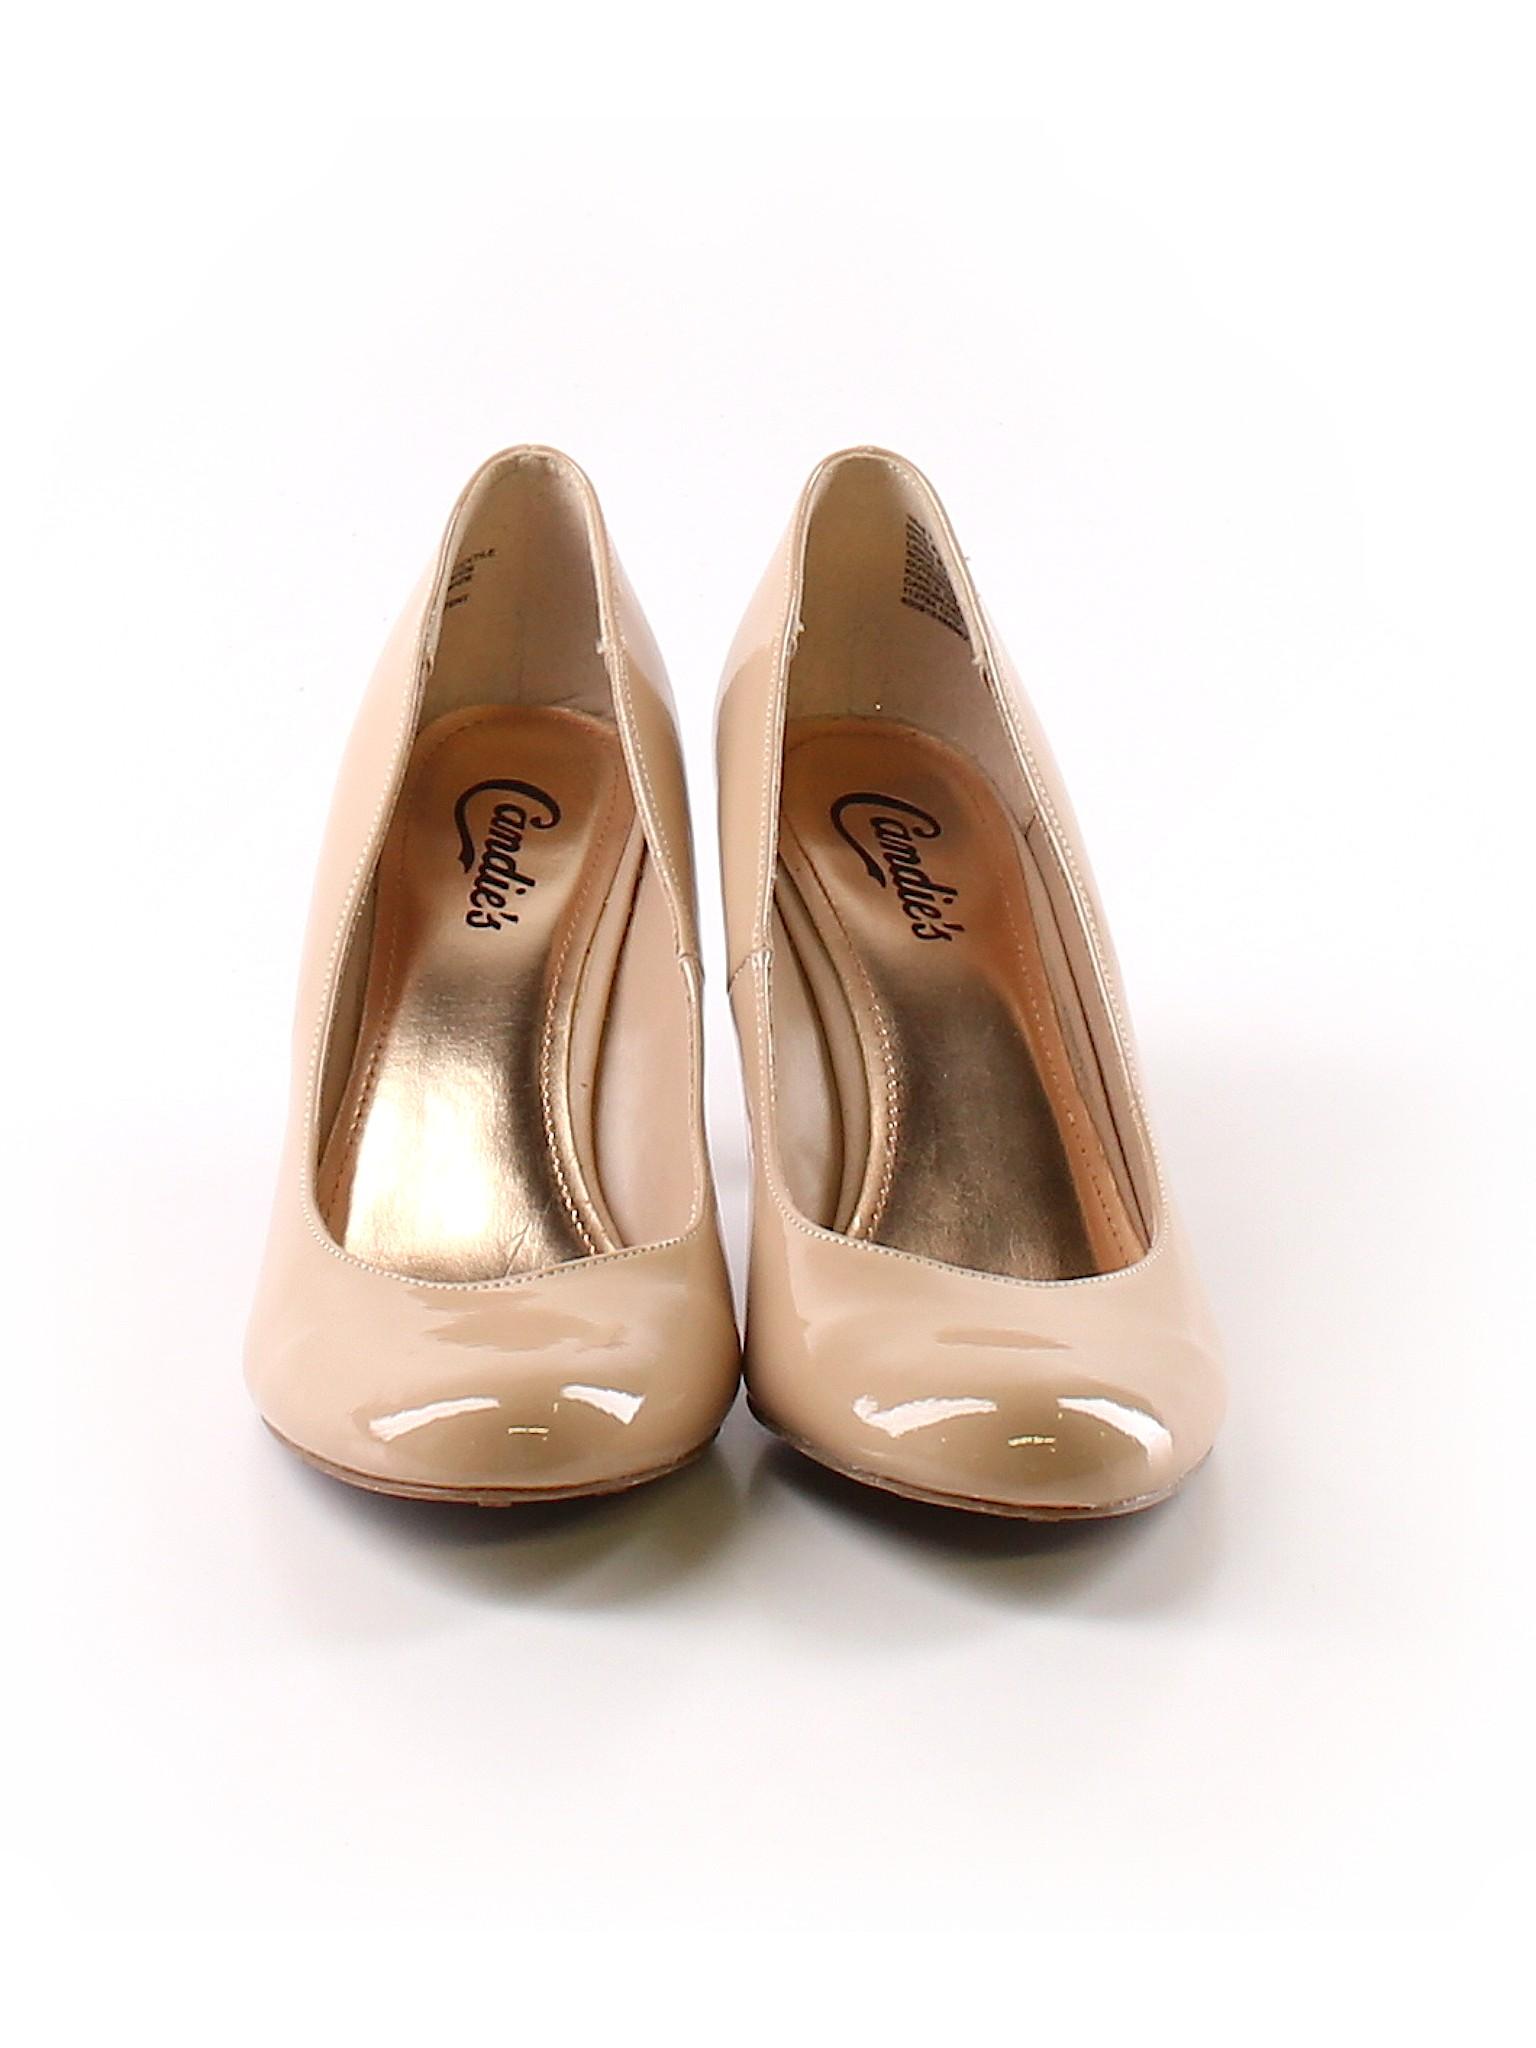 Heels Boutique Boutique Heels Boutique Boutique promotion Candie's promotion Candie's Candie's promotion Heels HTwpwq054x